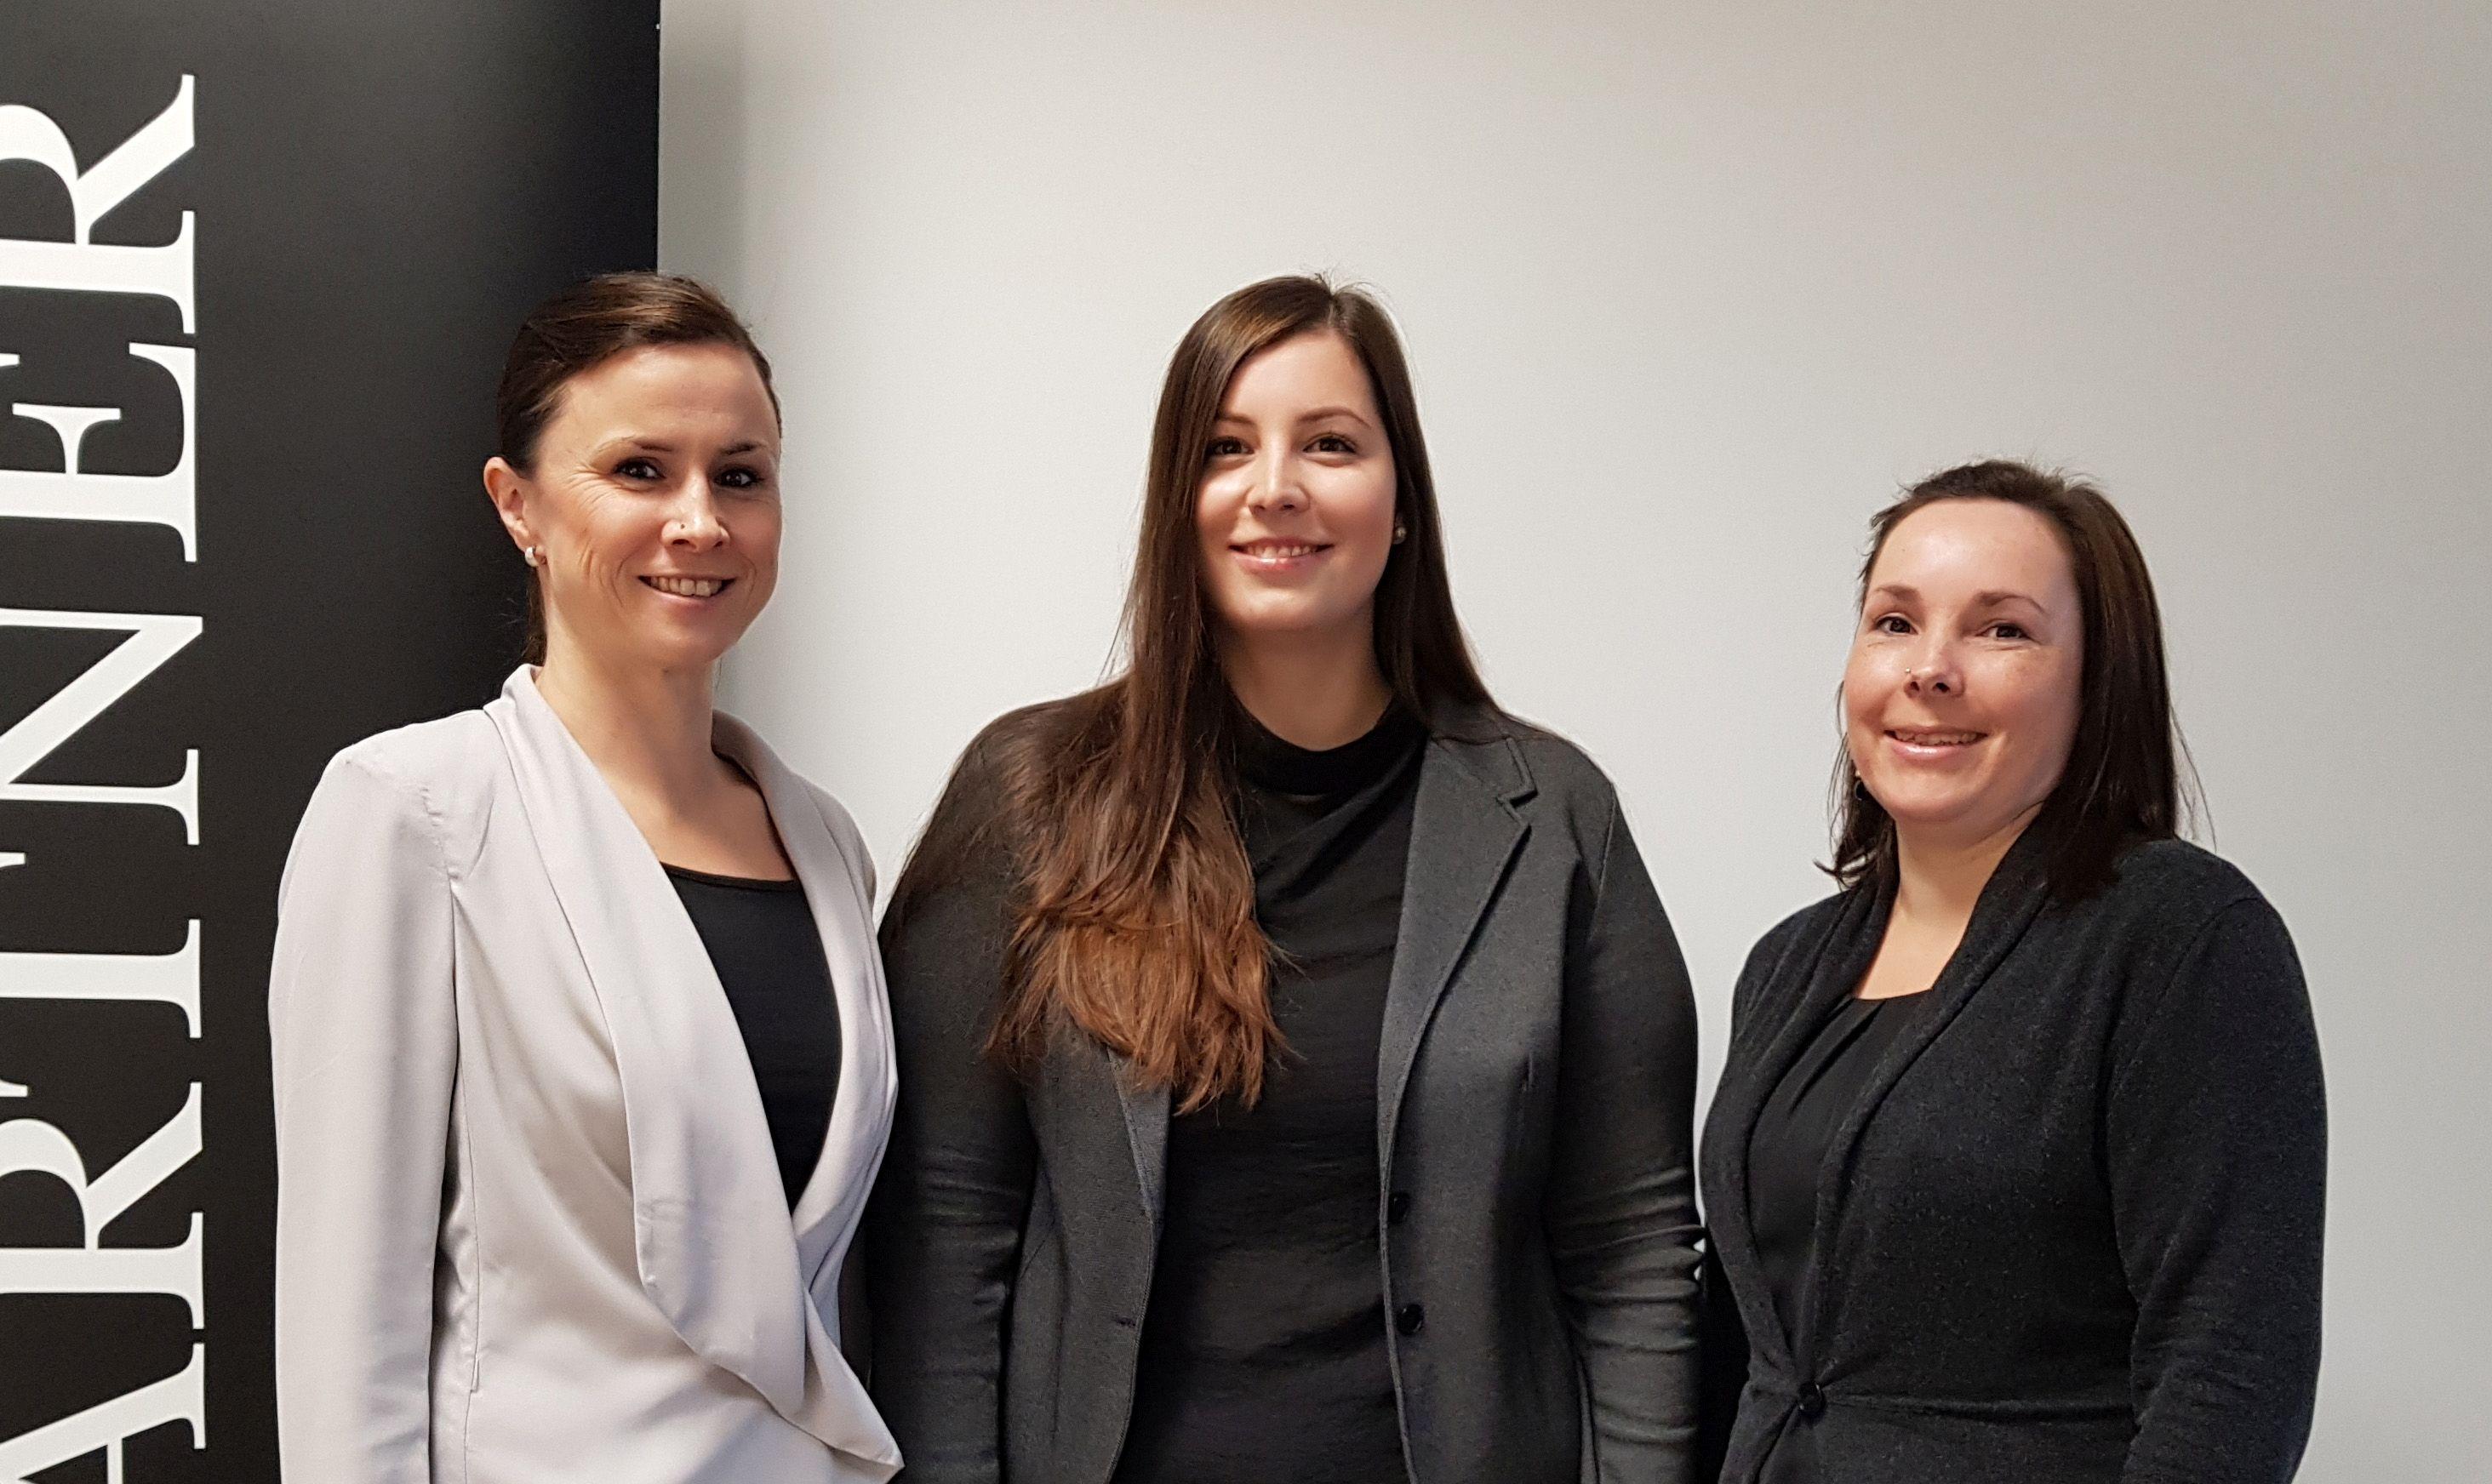 Neue Mitarbeiter: Natascha Müller, Isabel Otterbein, Milena Hass (von links nach rechts) ©AirPartner